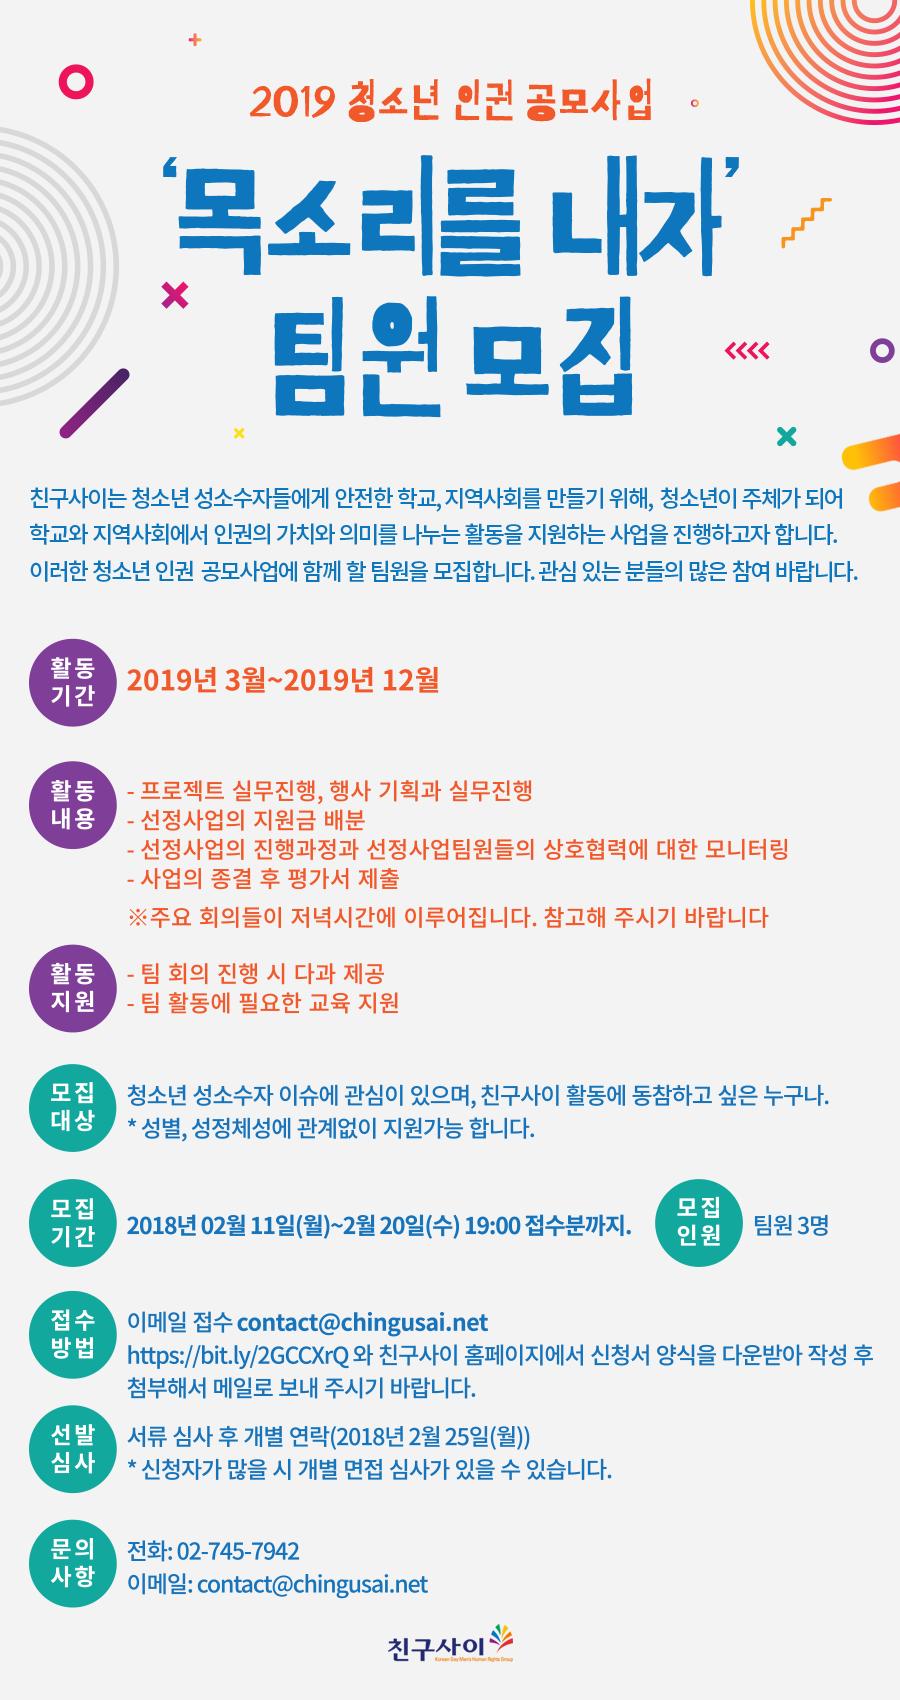 2019.02.11_청소년인권행동공모사업 팀원모집.png